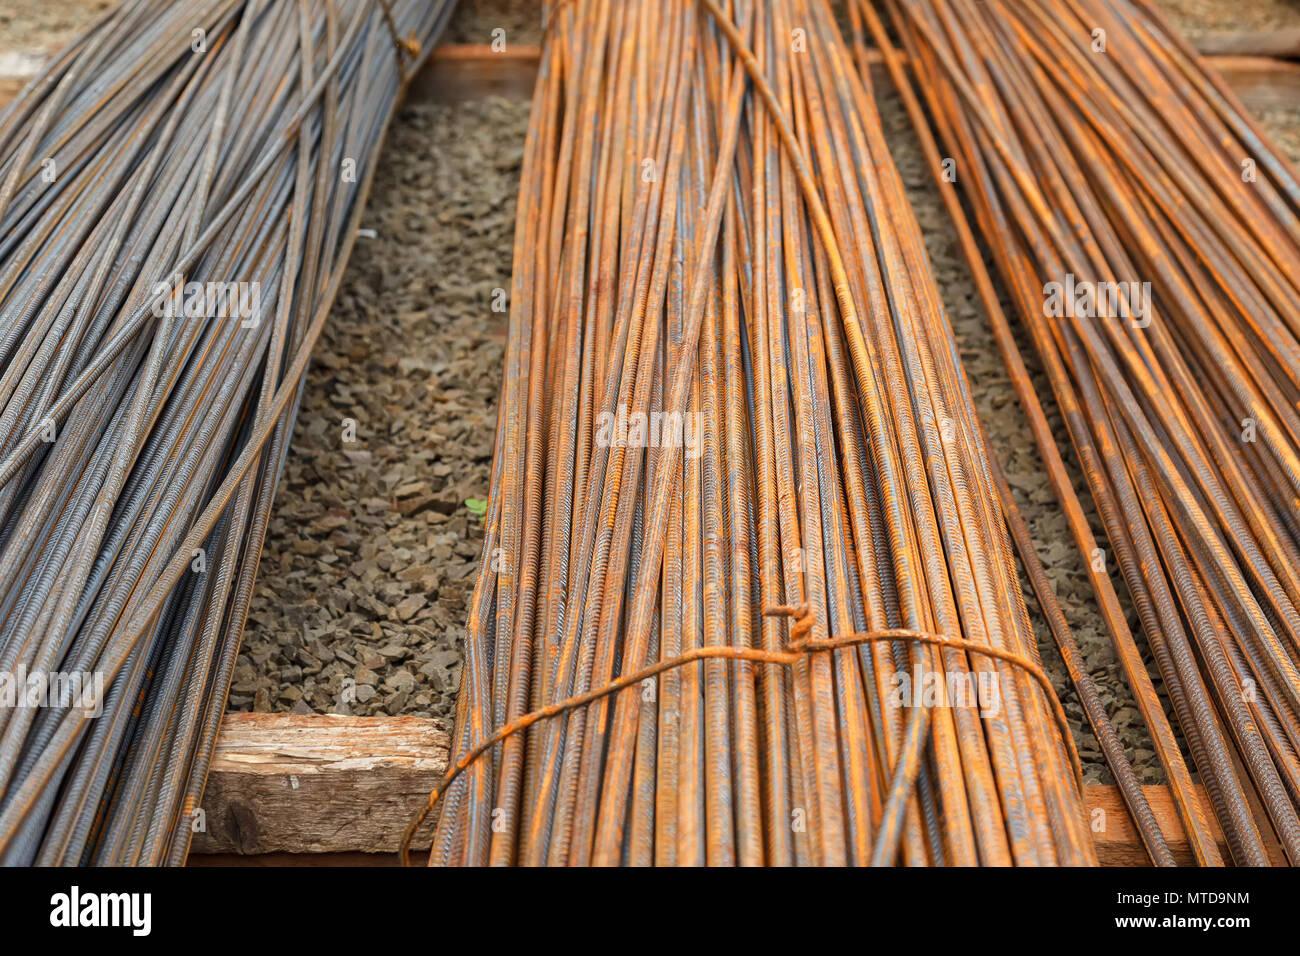 Armatura per calcestruzzo opere di costruzione. L'armatura sono coperti con la formazione di ruggine. Storage esterno Foto Stock